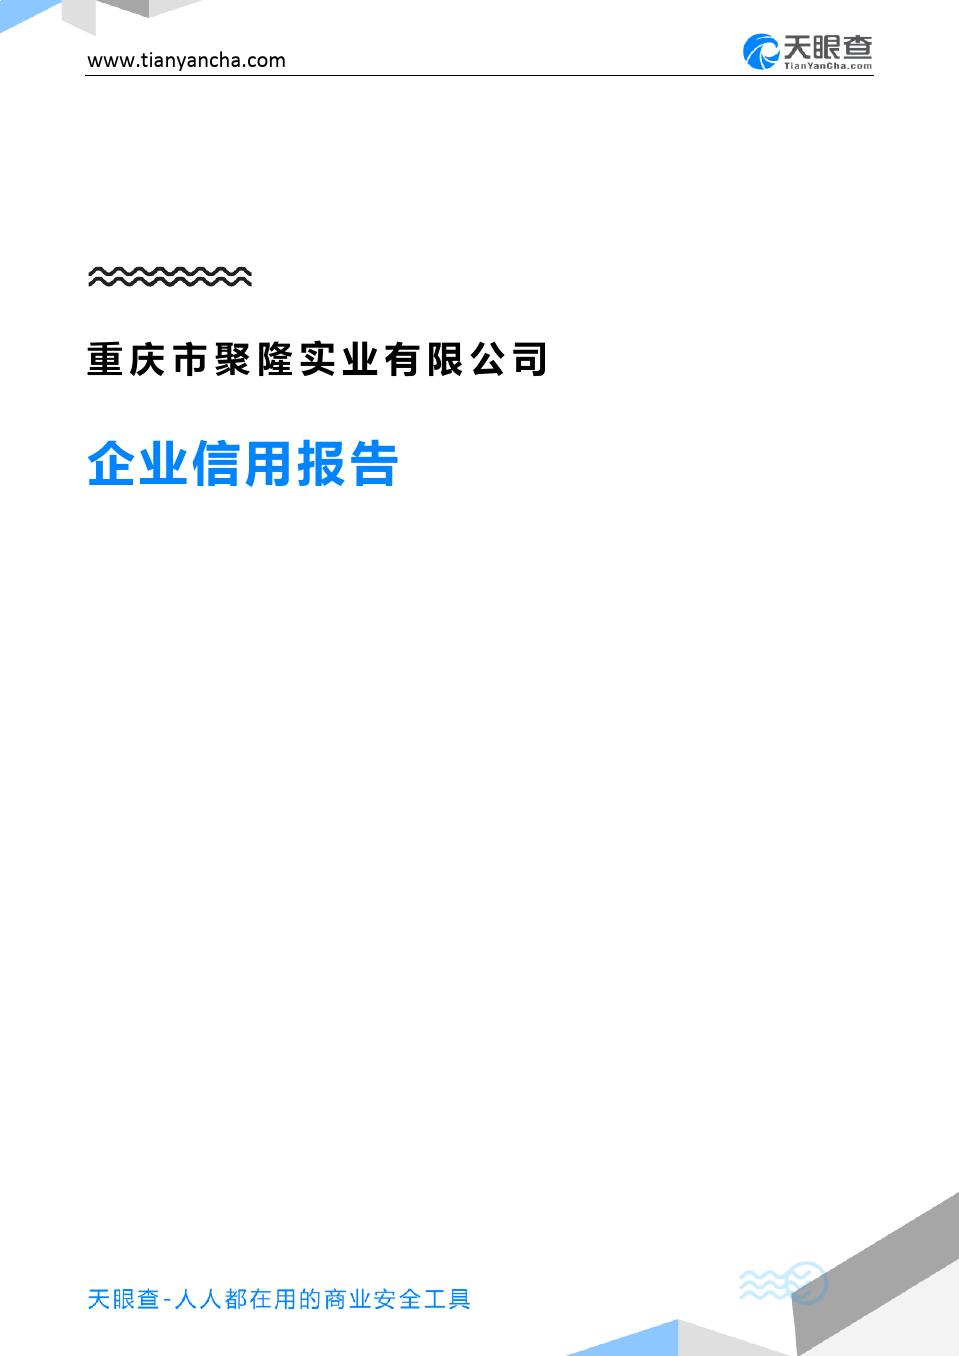 重庆市聚隆实业有限公司(企业信用报告)- 天眼查